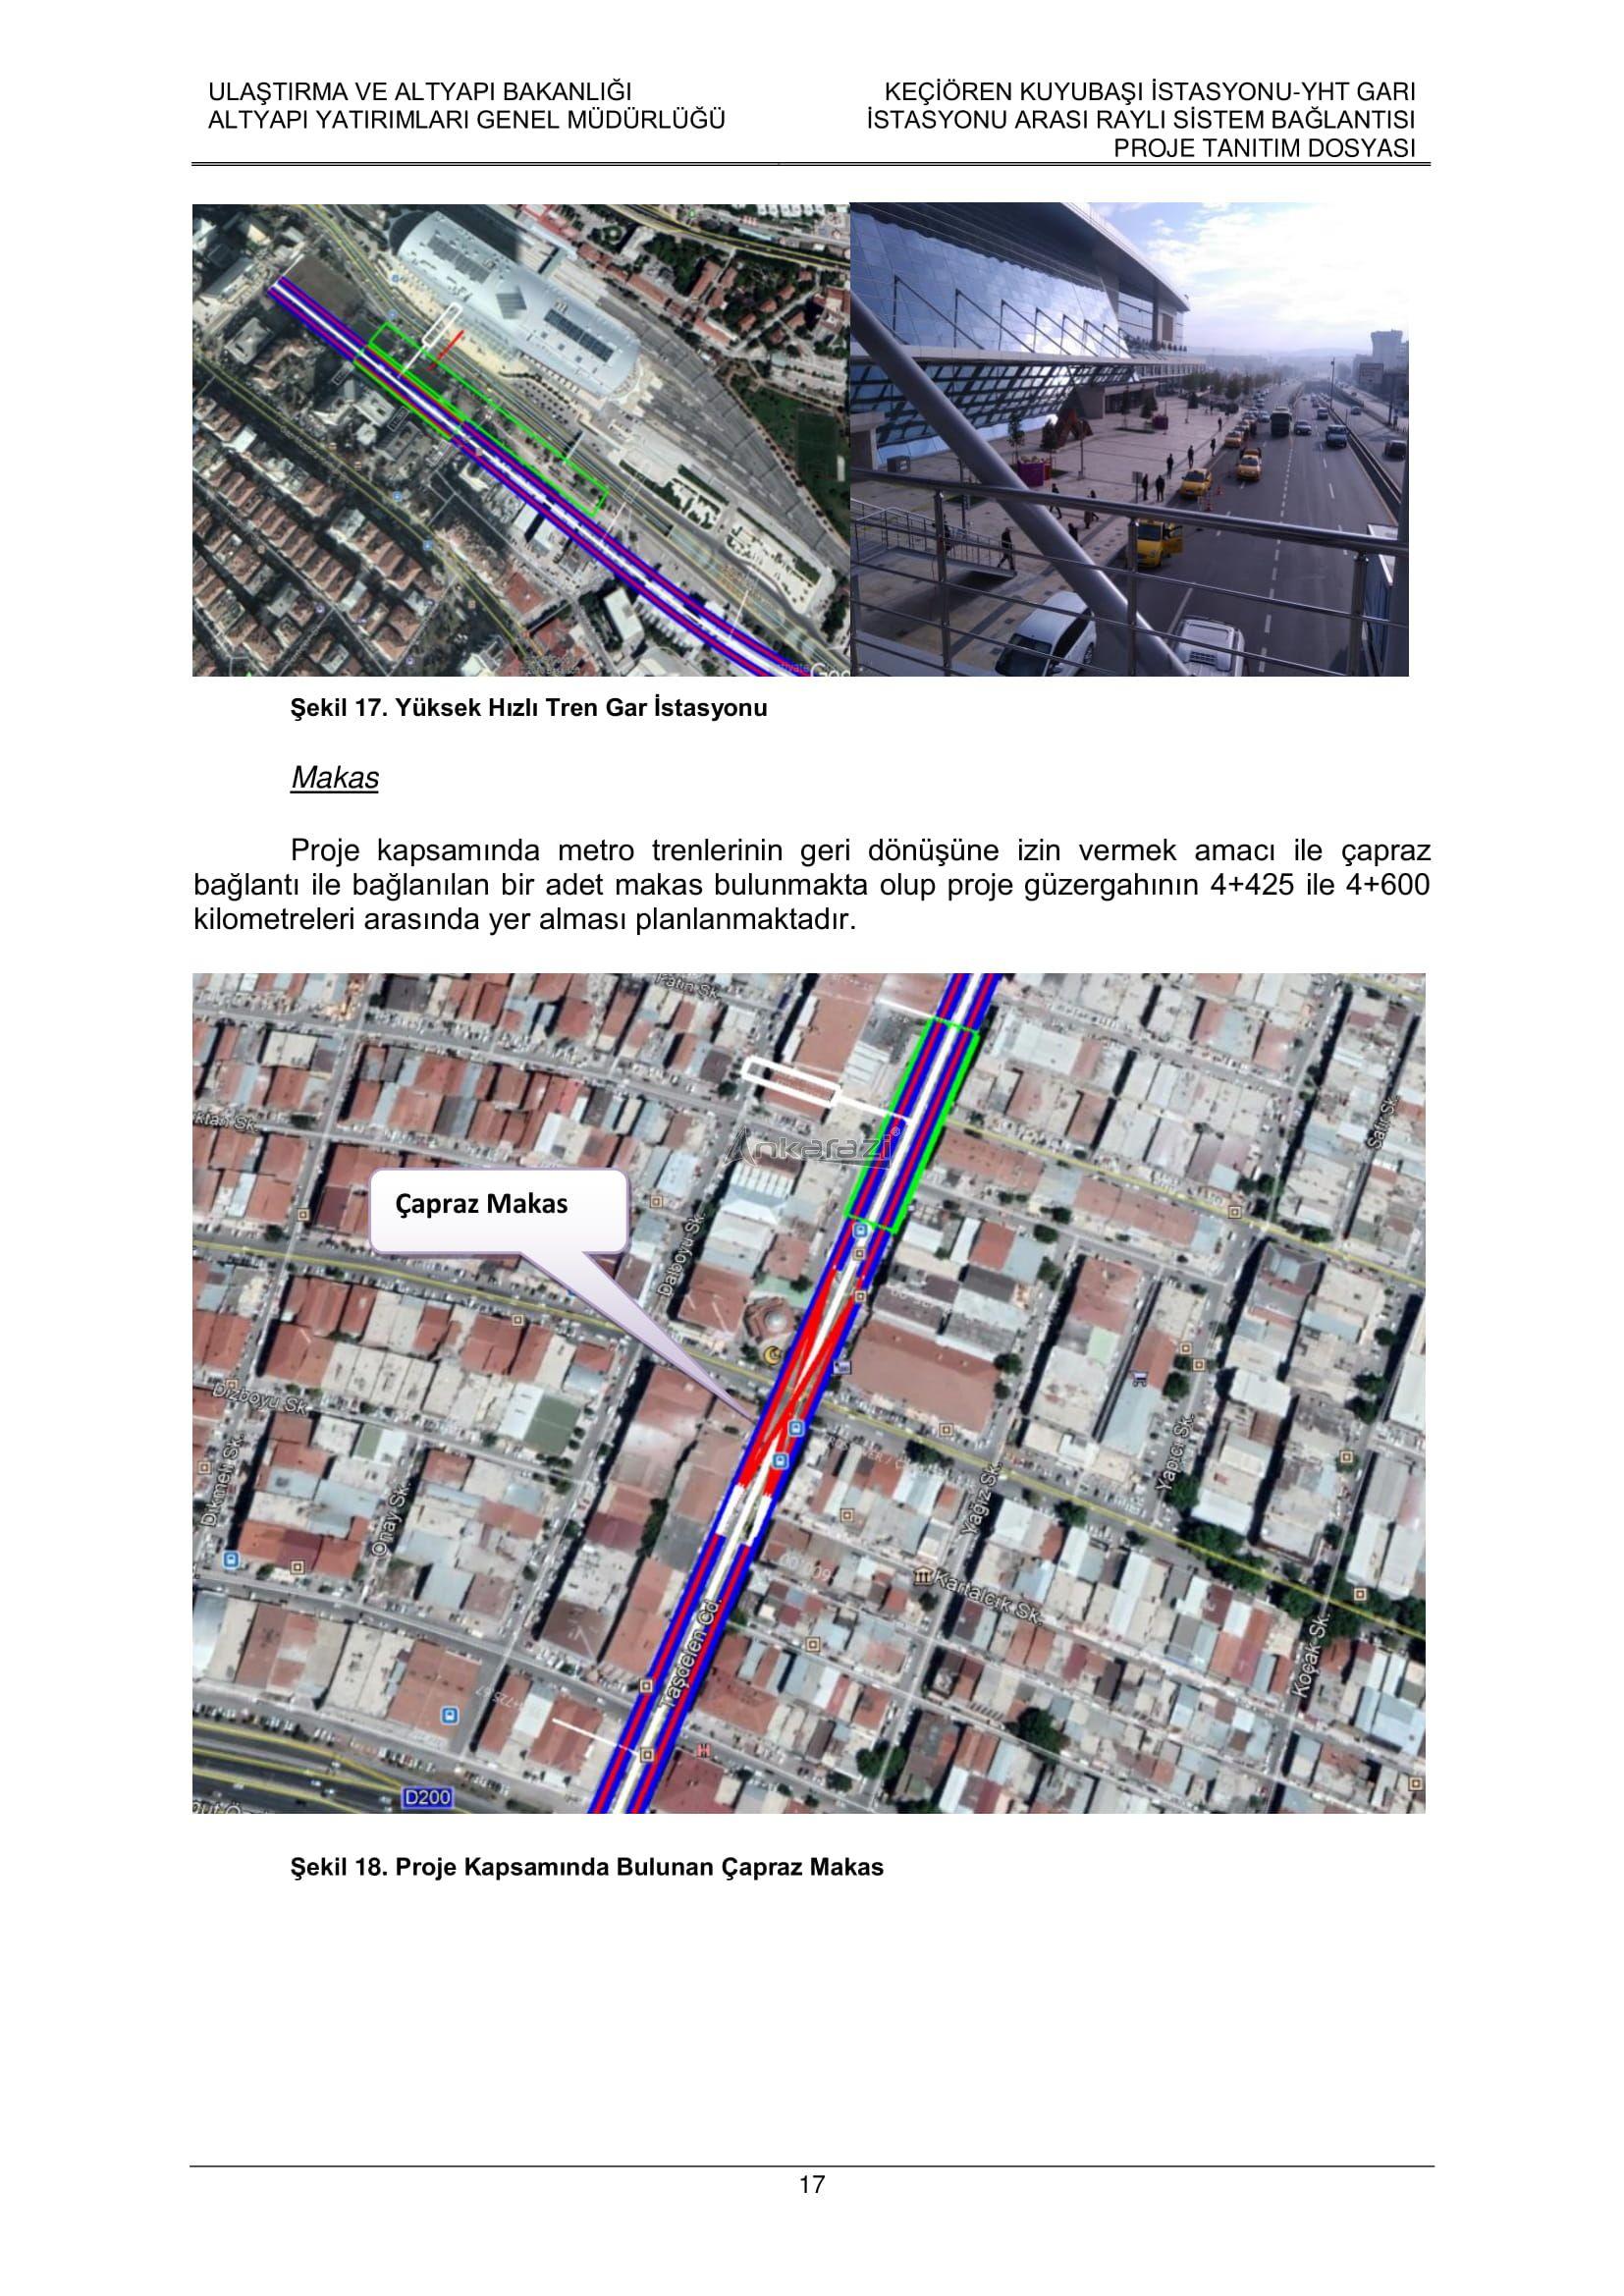 Keçiören-Siteler-YHT Garı Metro Hattı, Nihai Proje Dosyası... 3701